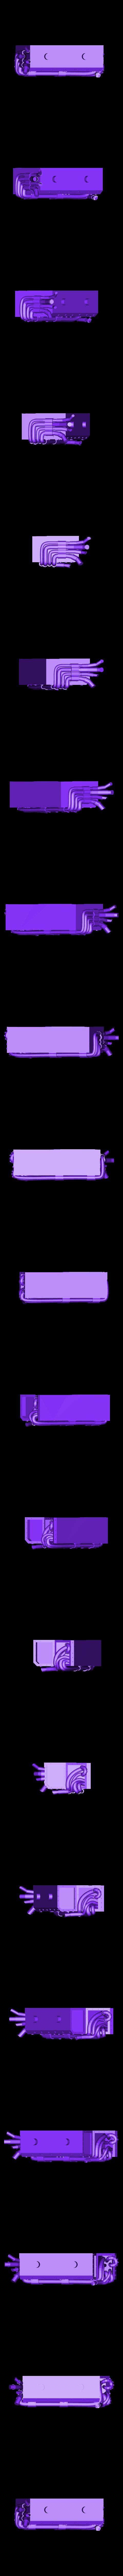 cabin.stl Télécharger fichier STL gratuit KustomWagon (en plusieurs pièces) • Objet imprimable en 3D, Savex